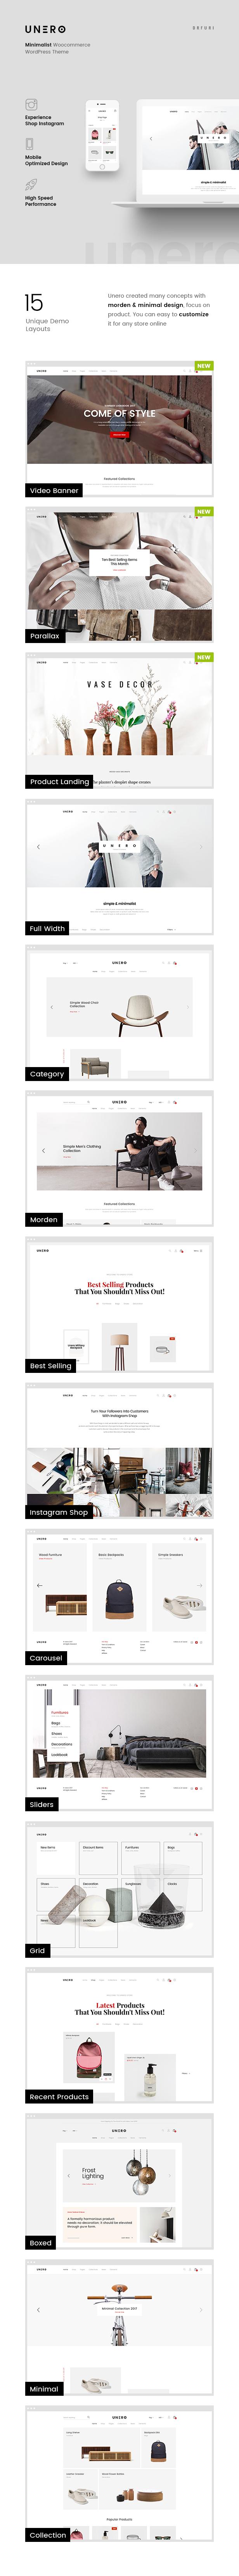 Unero - Minimalist AJAX WooCommerce WordPress Theme - 9